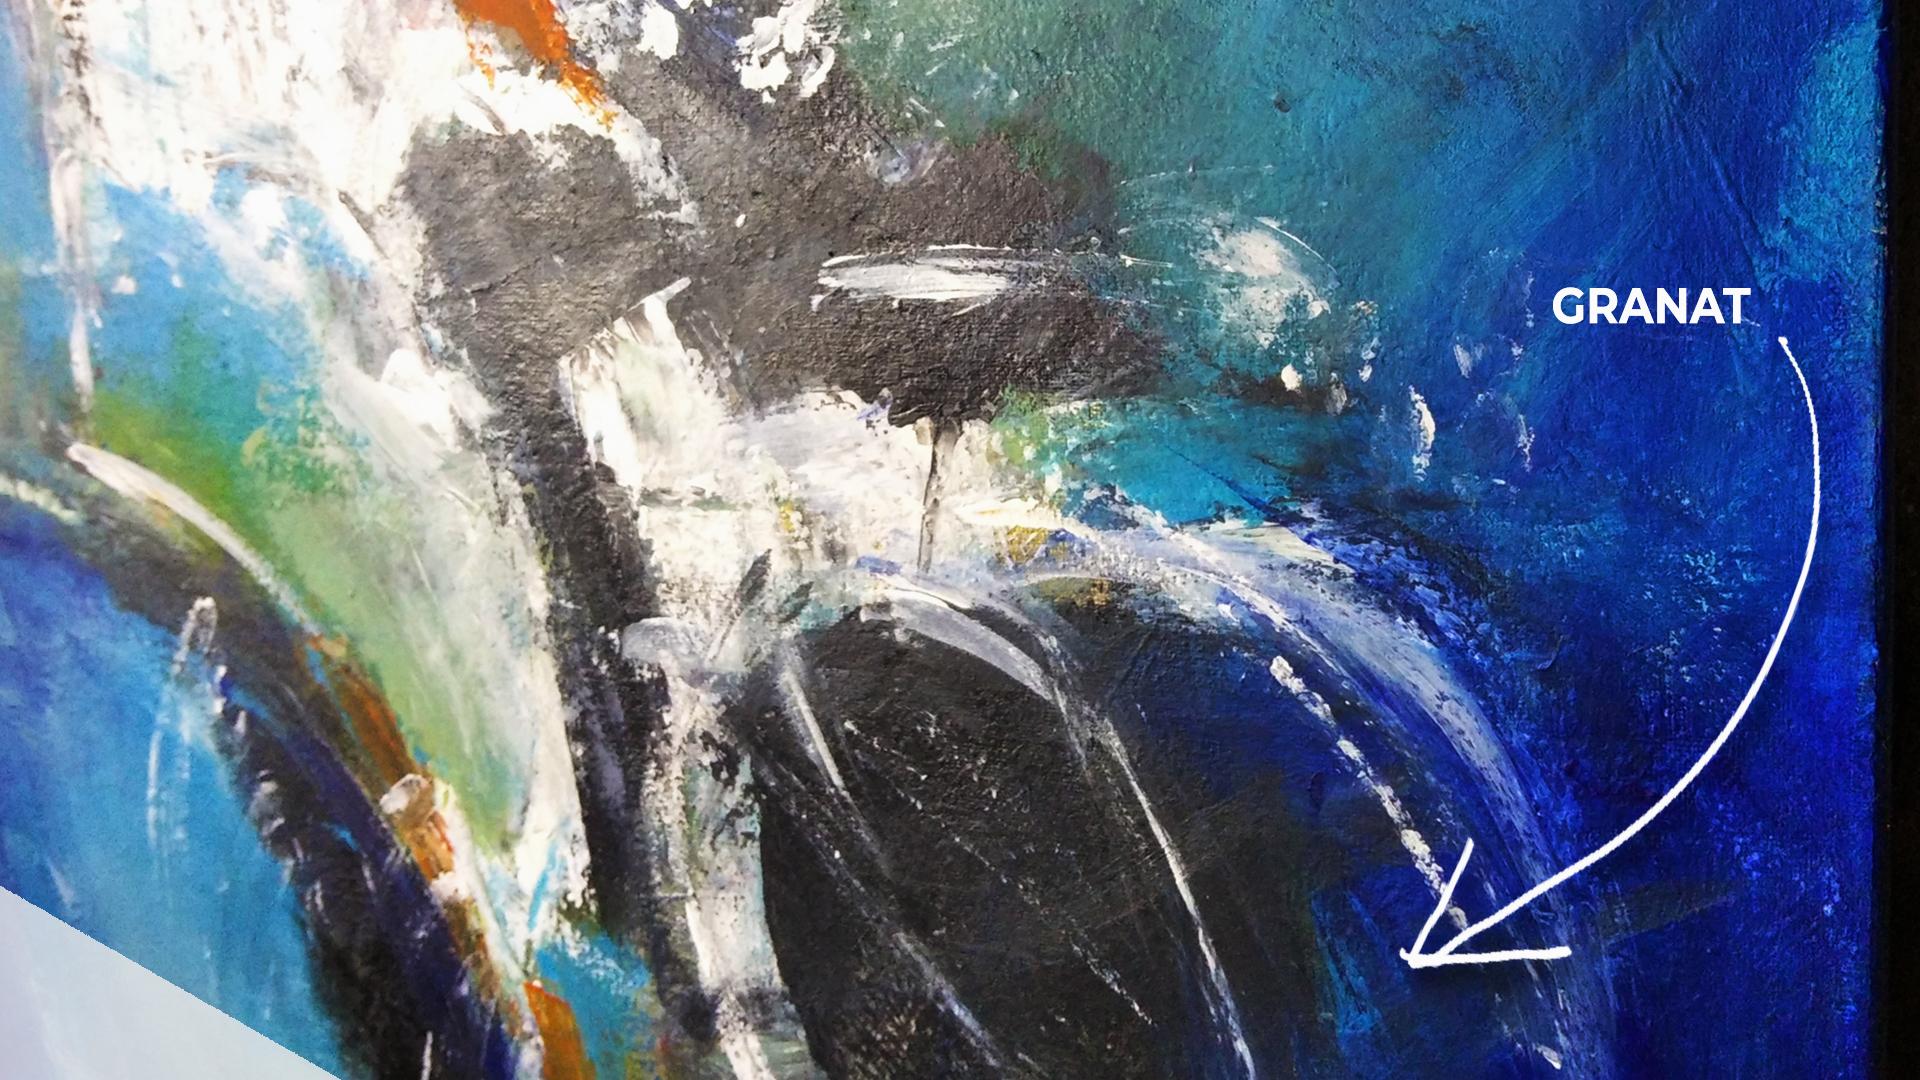 Obraz akrylowy abstrakcyjny z bliska. Obraz z detalem kolorystycznym. Obraz na sprzedaż